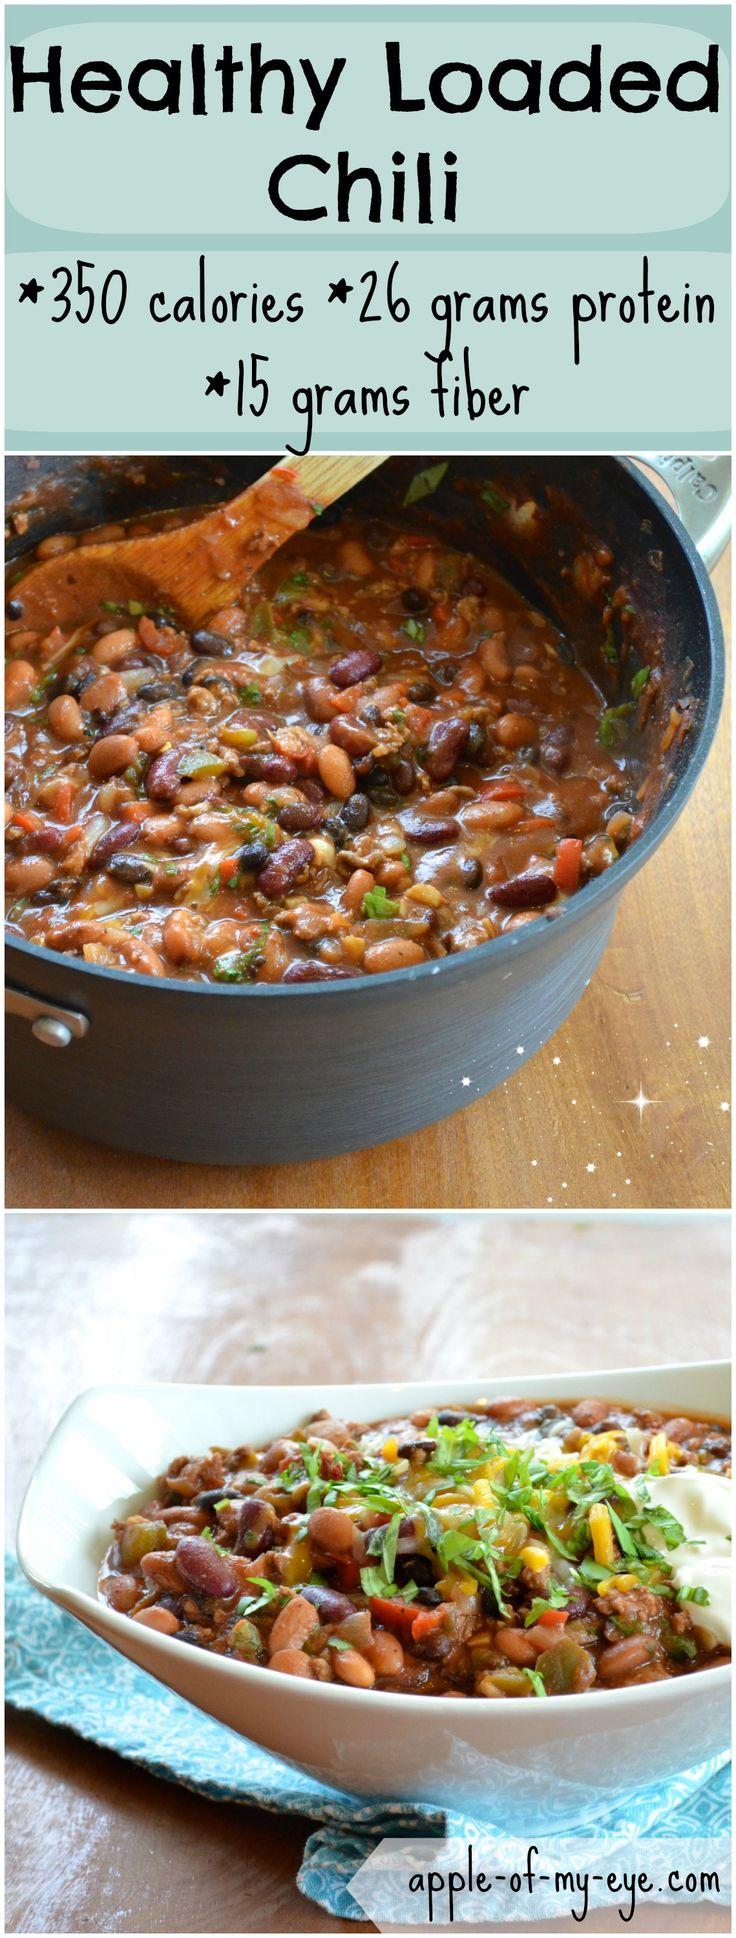 Healthy Loaded Chili Recipe!